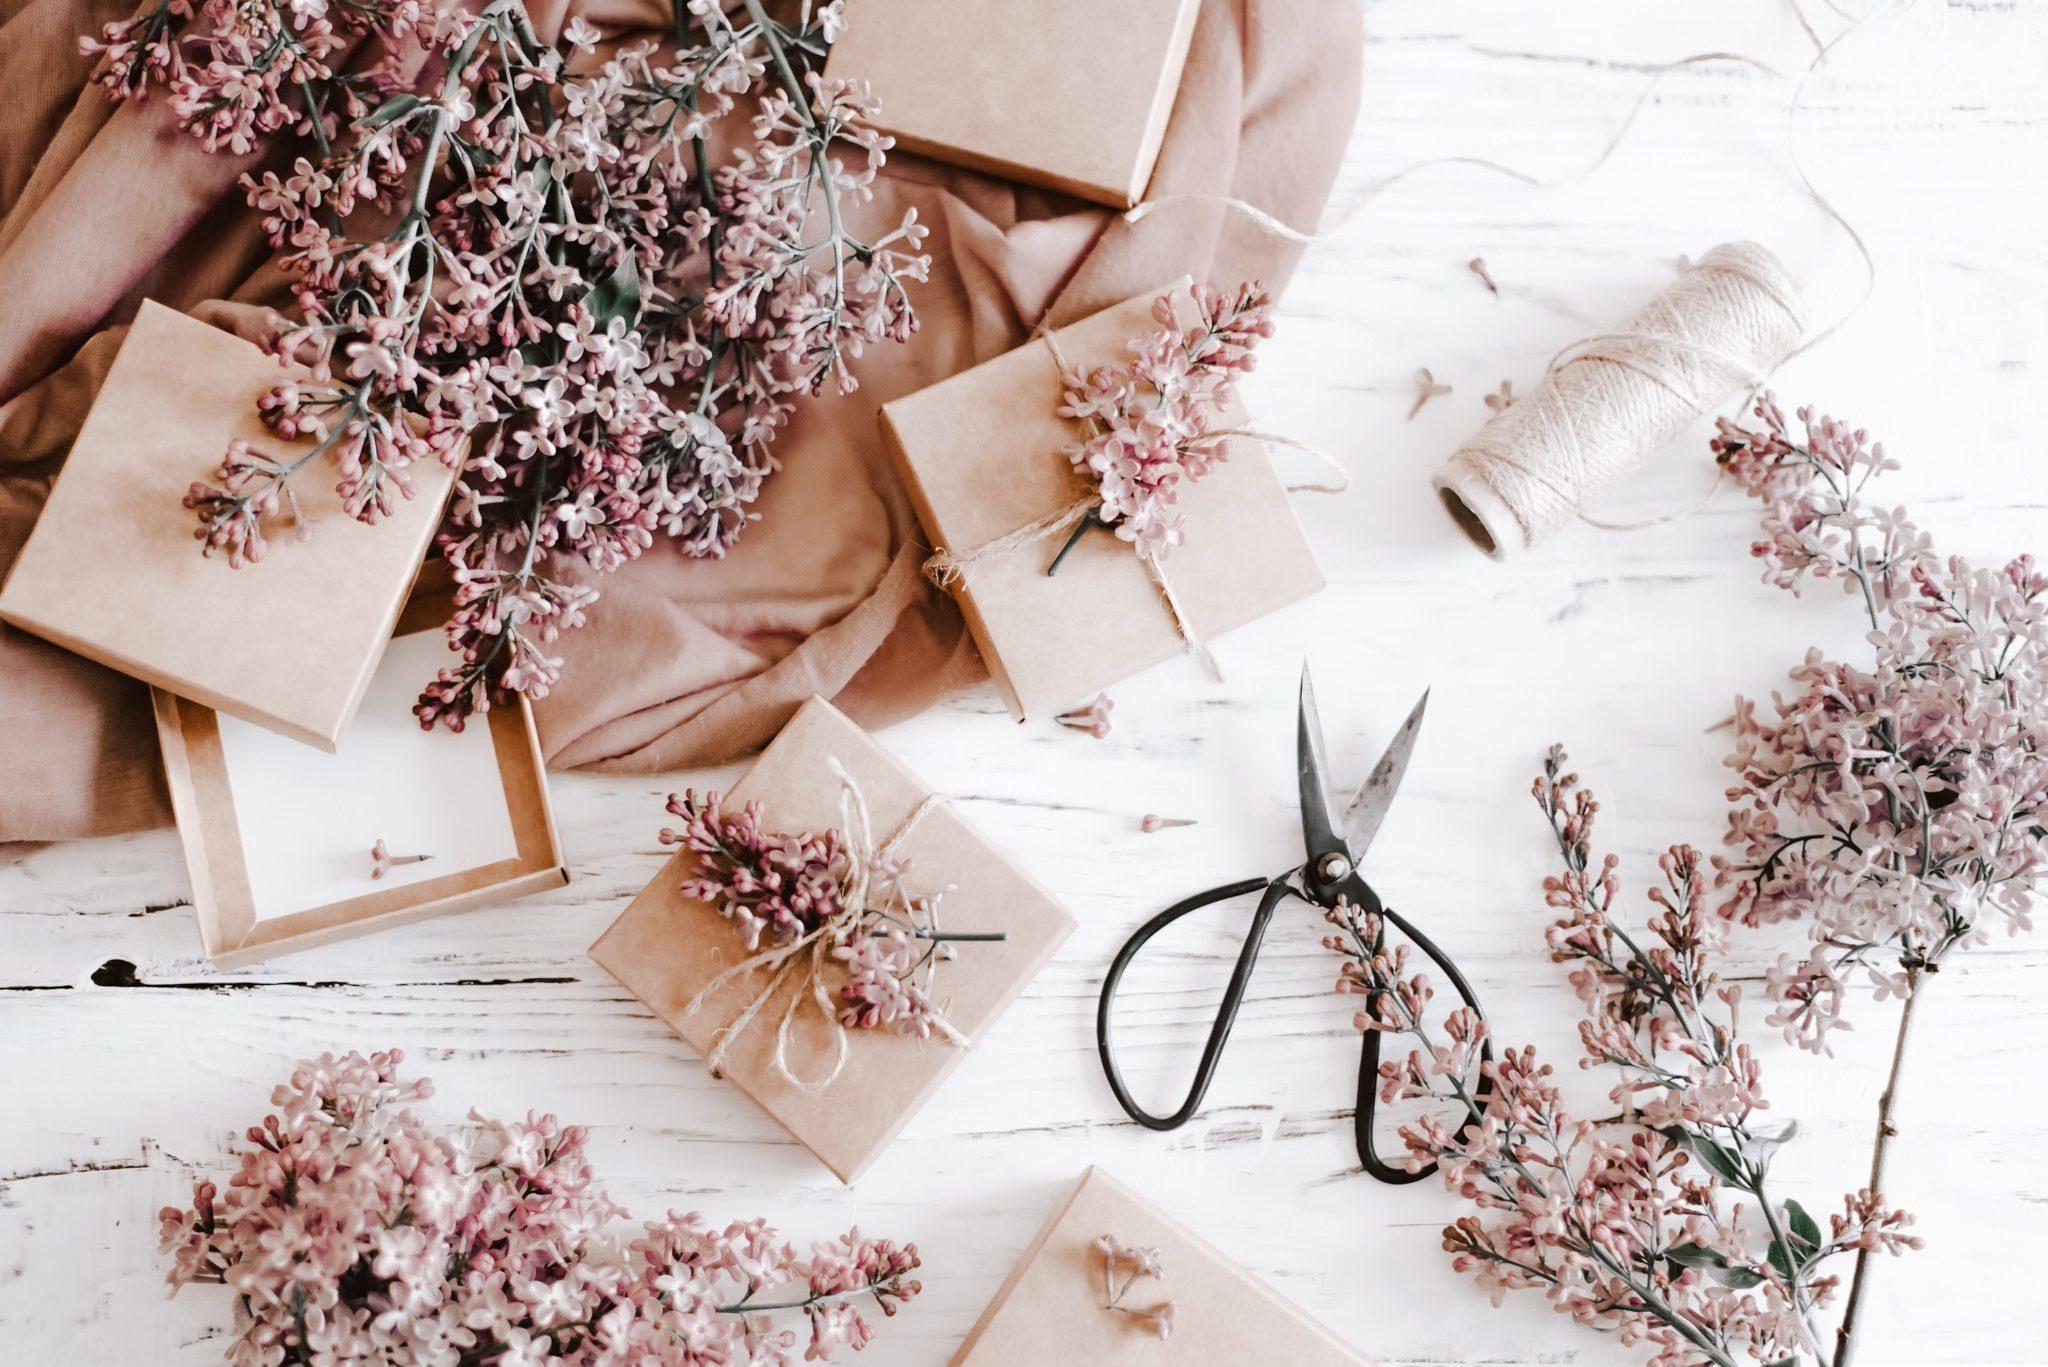 Geschenketipps: 10 Geschenke, die Freude machen